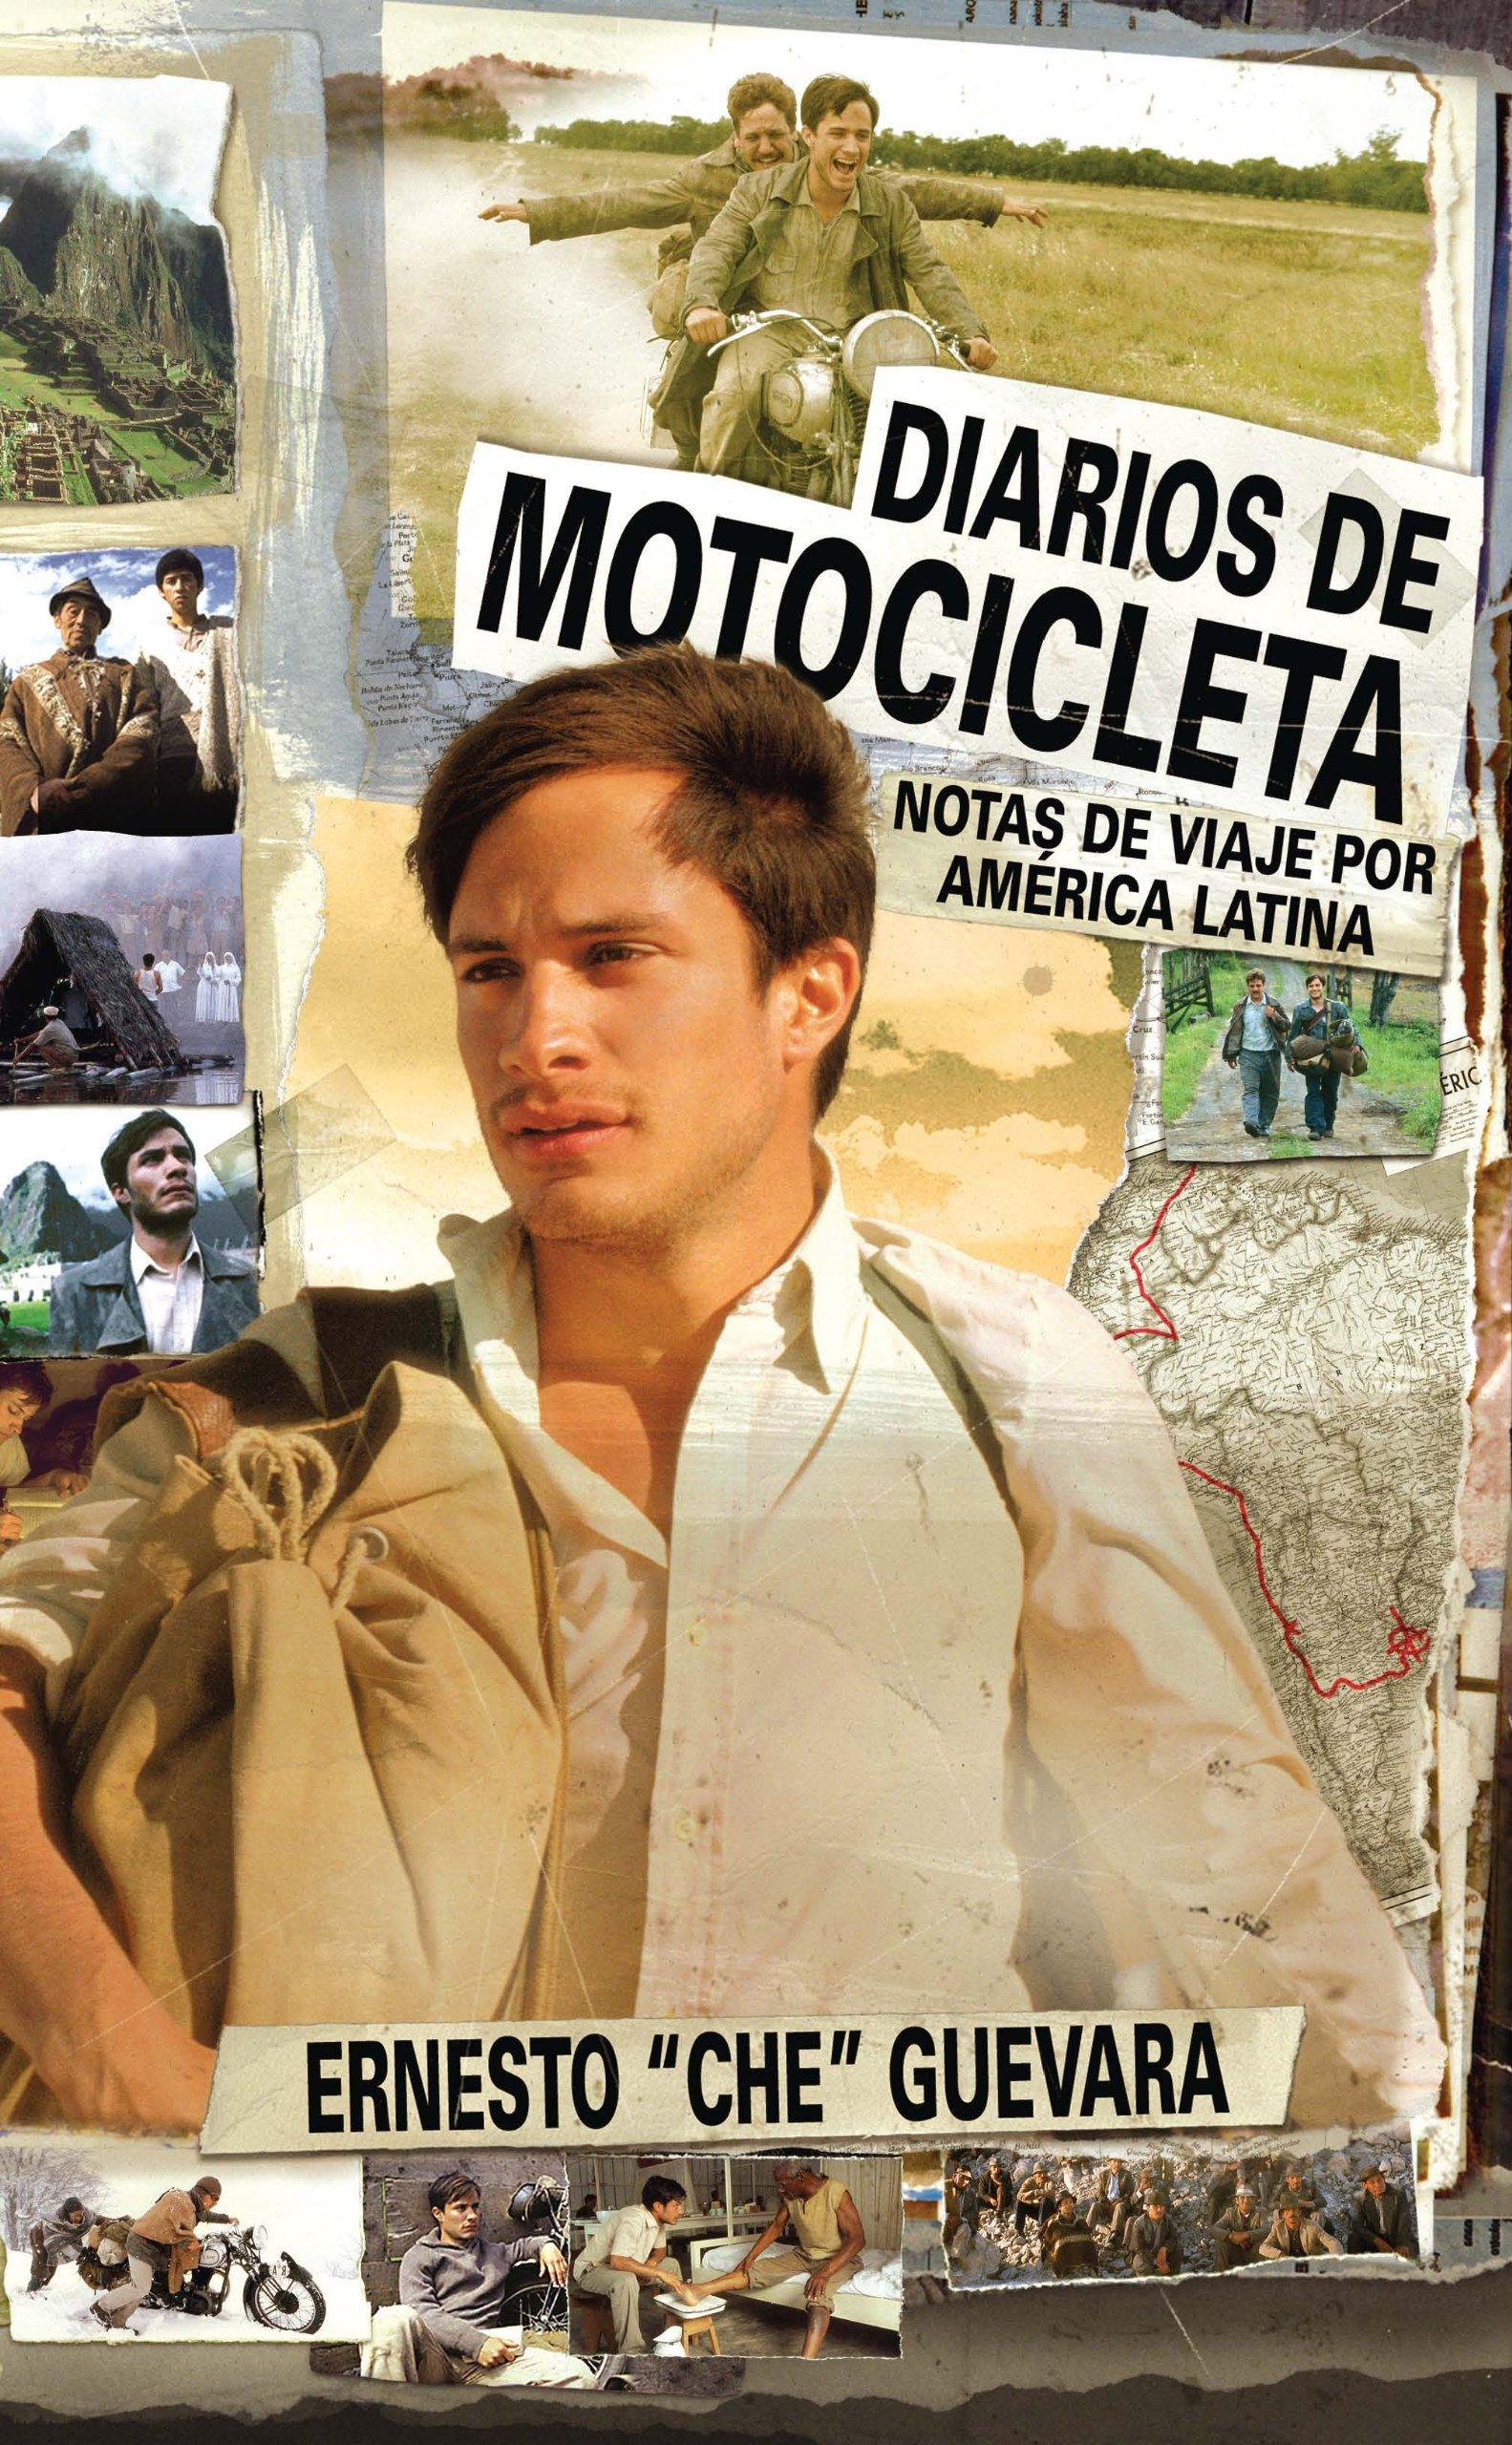 Diarios de Motocicleta: Notas de Viaje (Film Tie-in Edition) (Che Guevara Publishing Project / Ocean Sur) (Spanish Edition) by Brand: Ocean Press